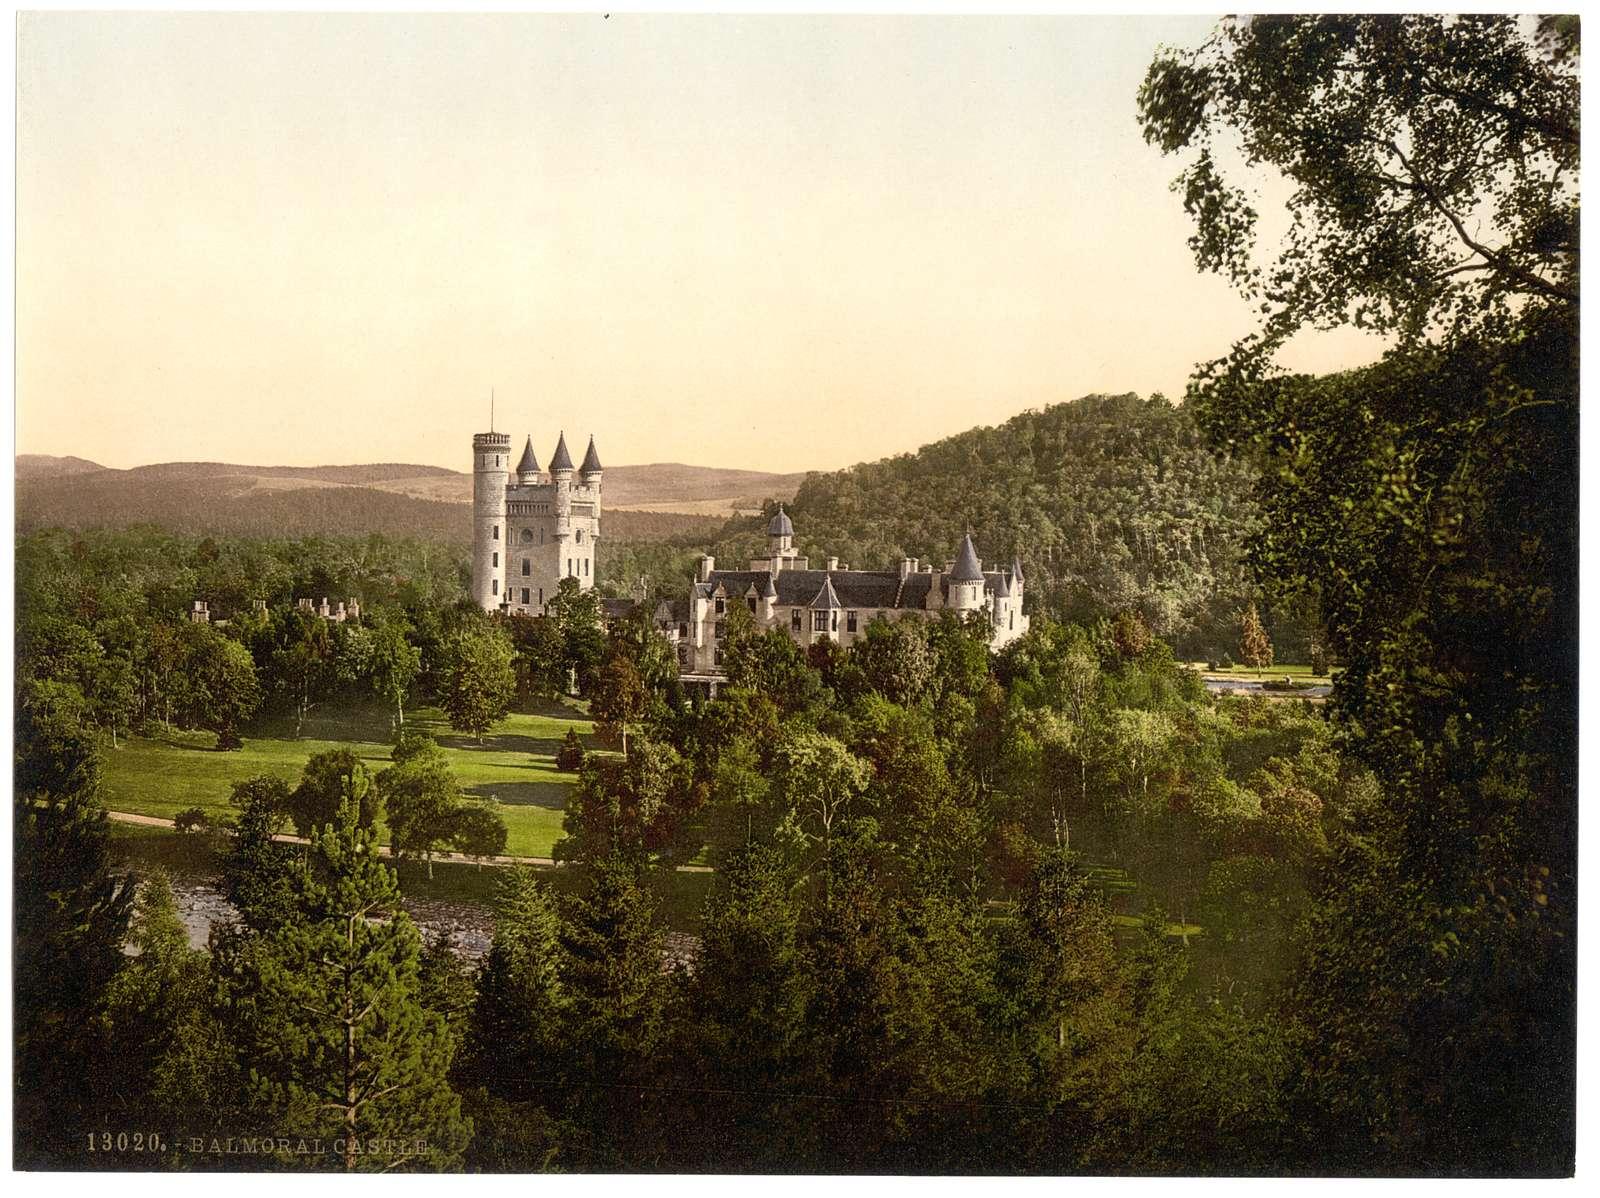 [Balmoral Castle, Scotland]